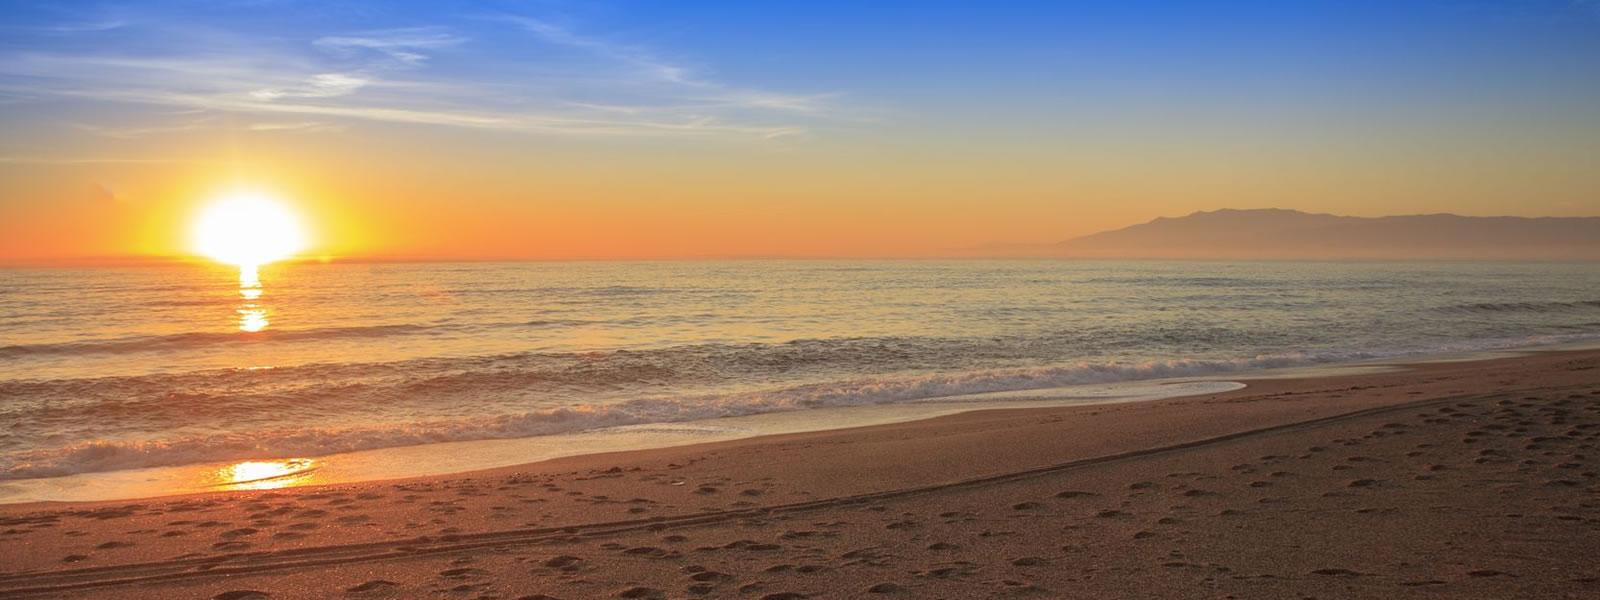 bg-beachsunset